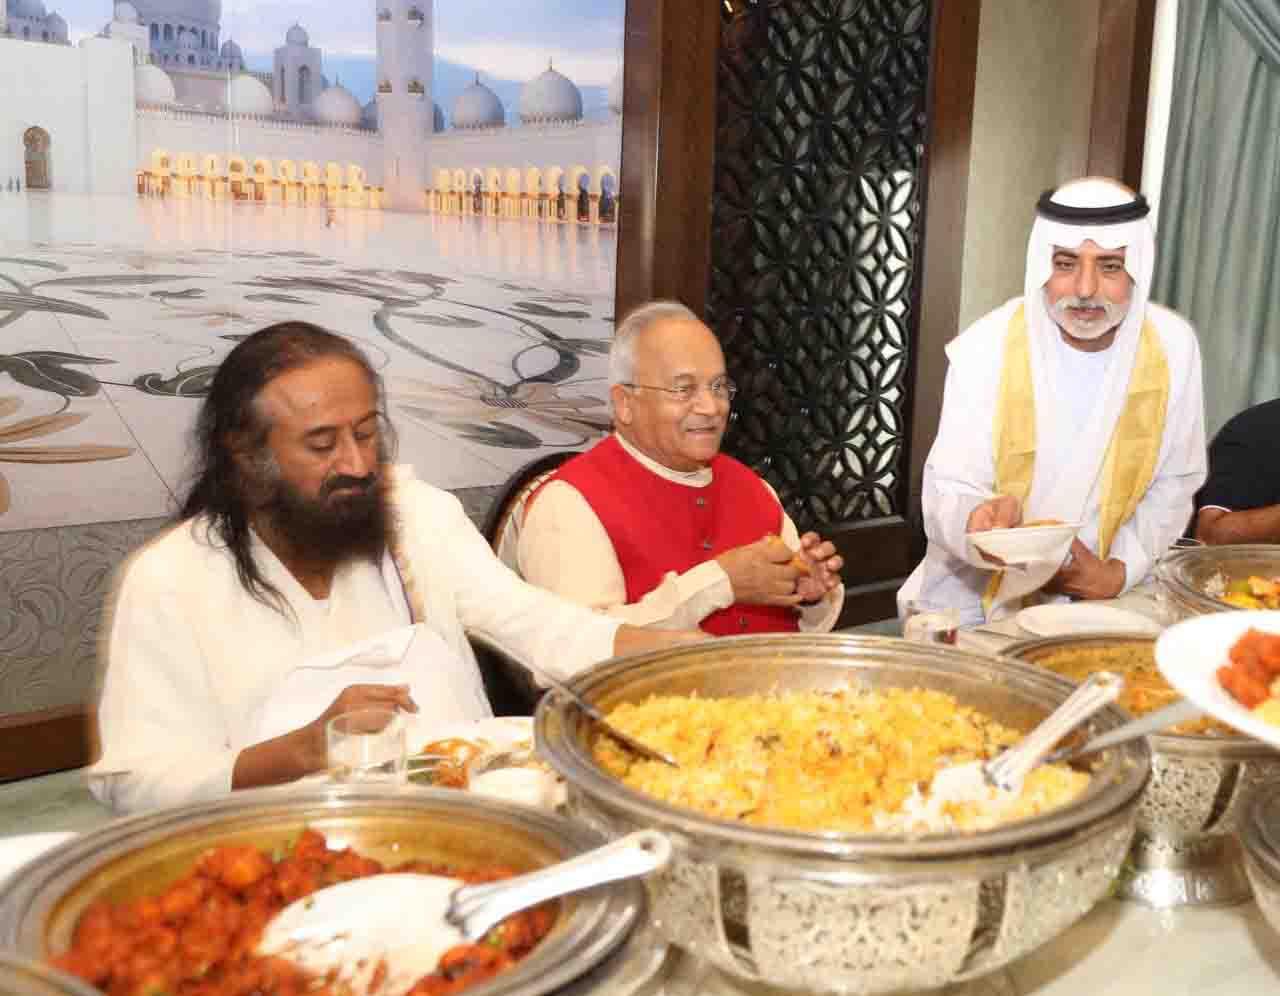 अबू धाबी के महल में शाकाहारी भोजन करते हुए श्री श्री रविशंकरजी, डॉ. वैदिक और शेख नाह्यान। पास में बैठे हैं भारत के राजदूत श्री नवदीप पुरी और प्रसिद्ध उद्योगपति बी. आर. शेट्टी।